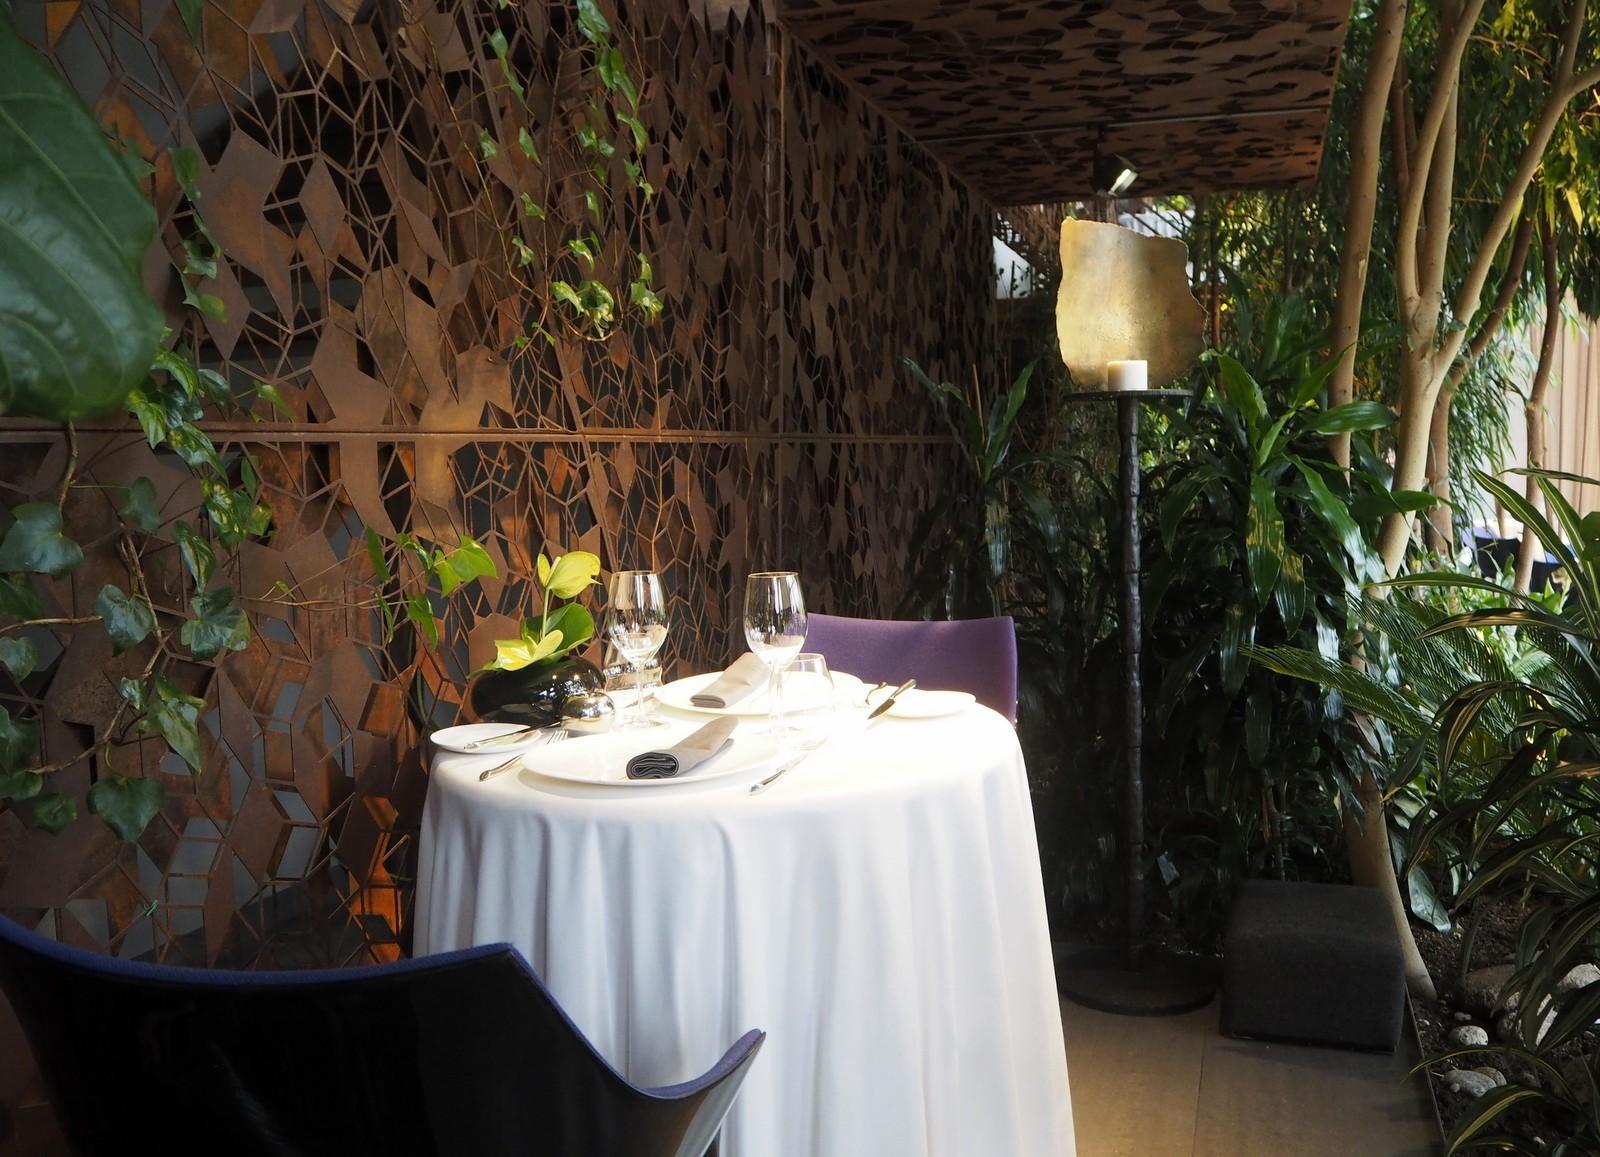 Belvedere restaurant Warsaw